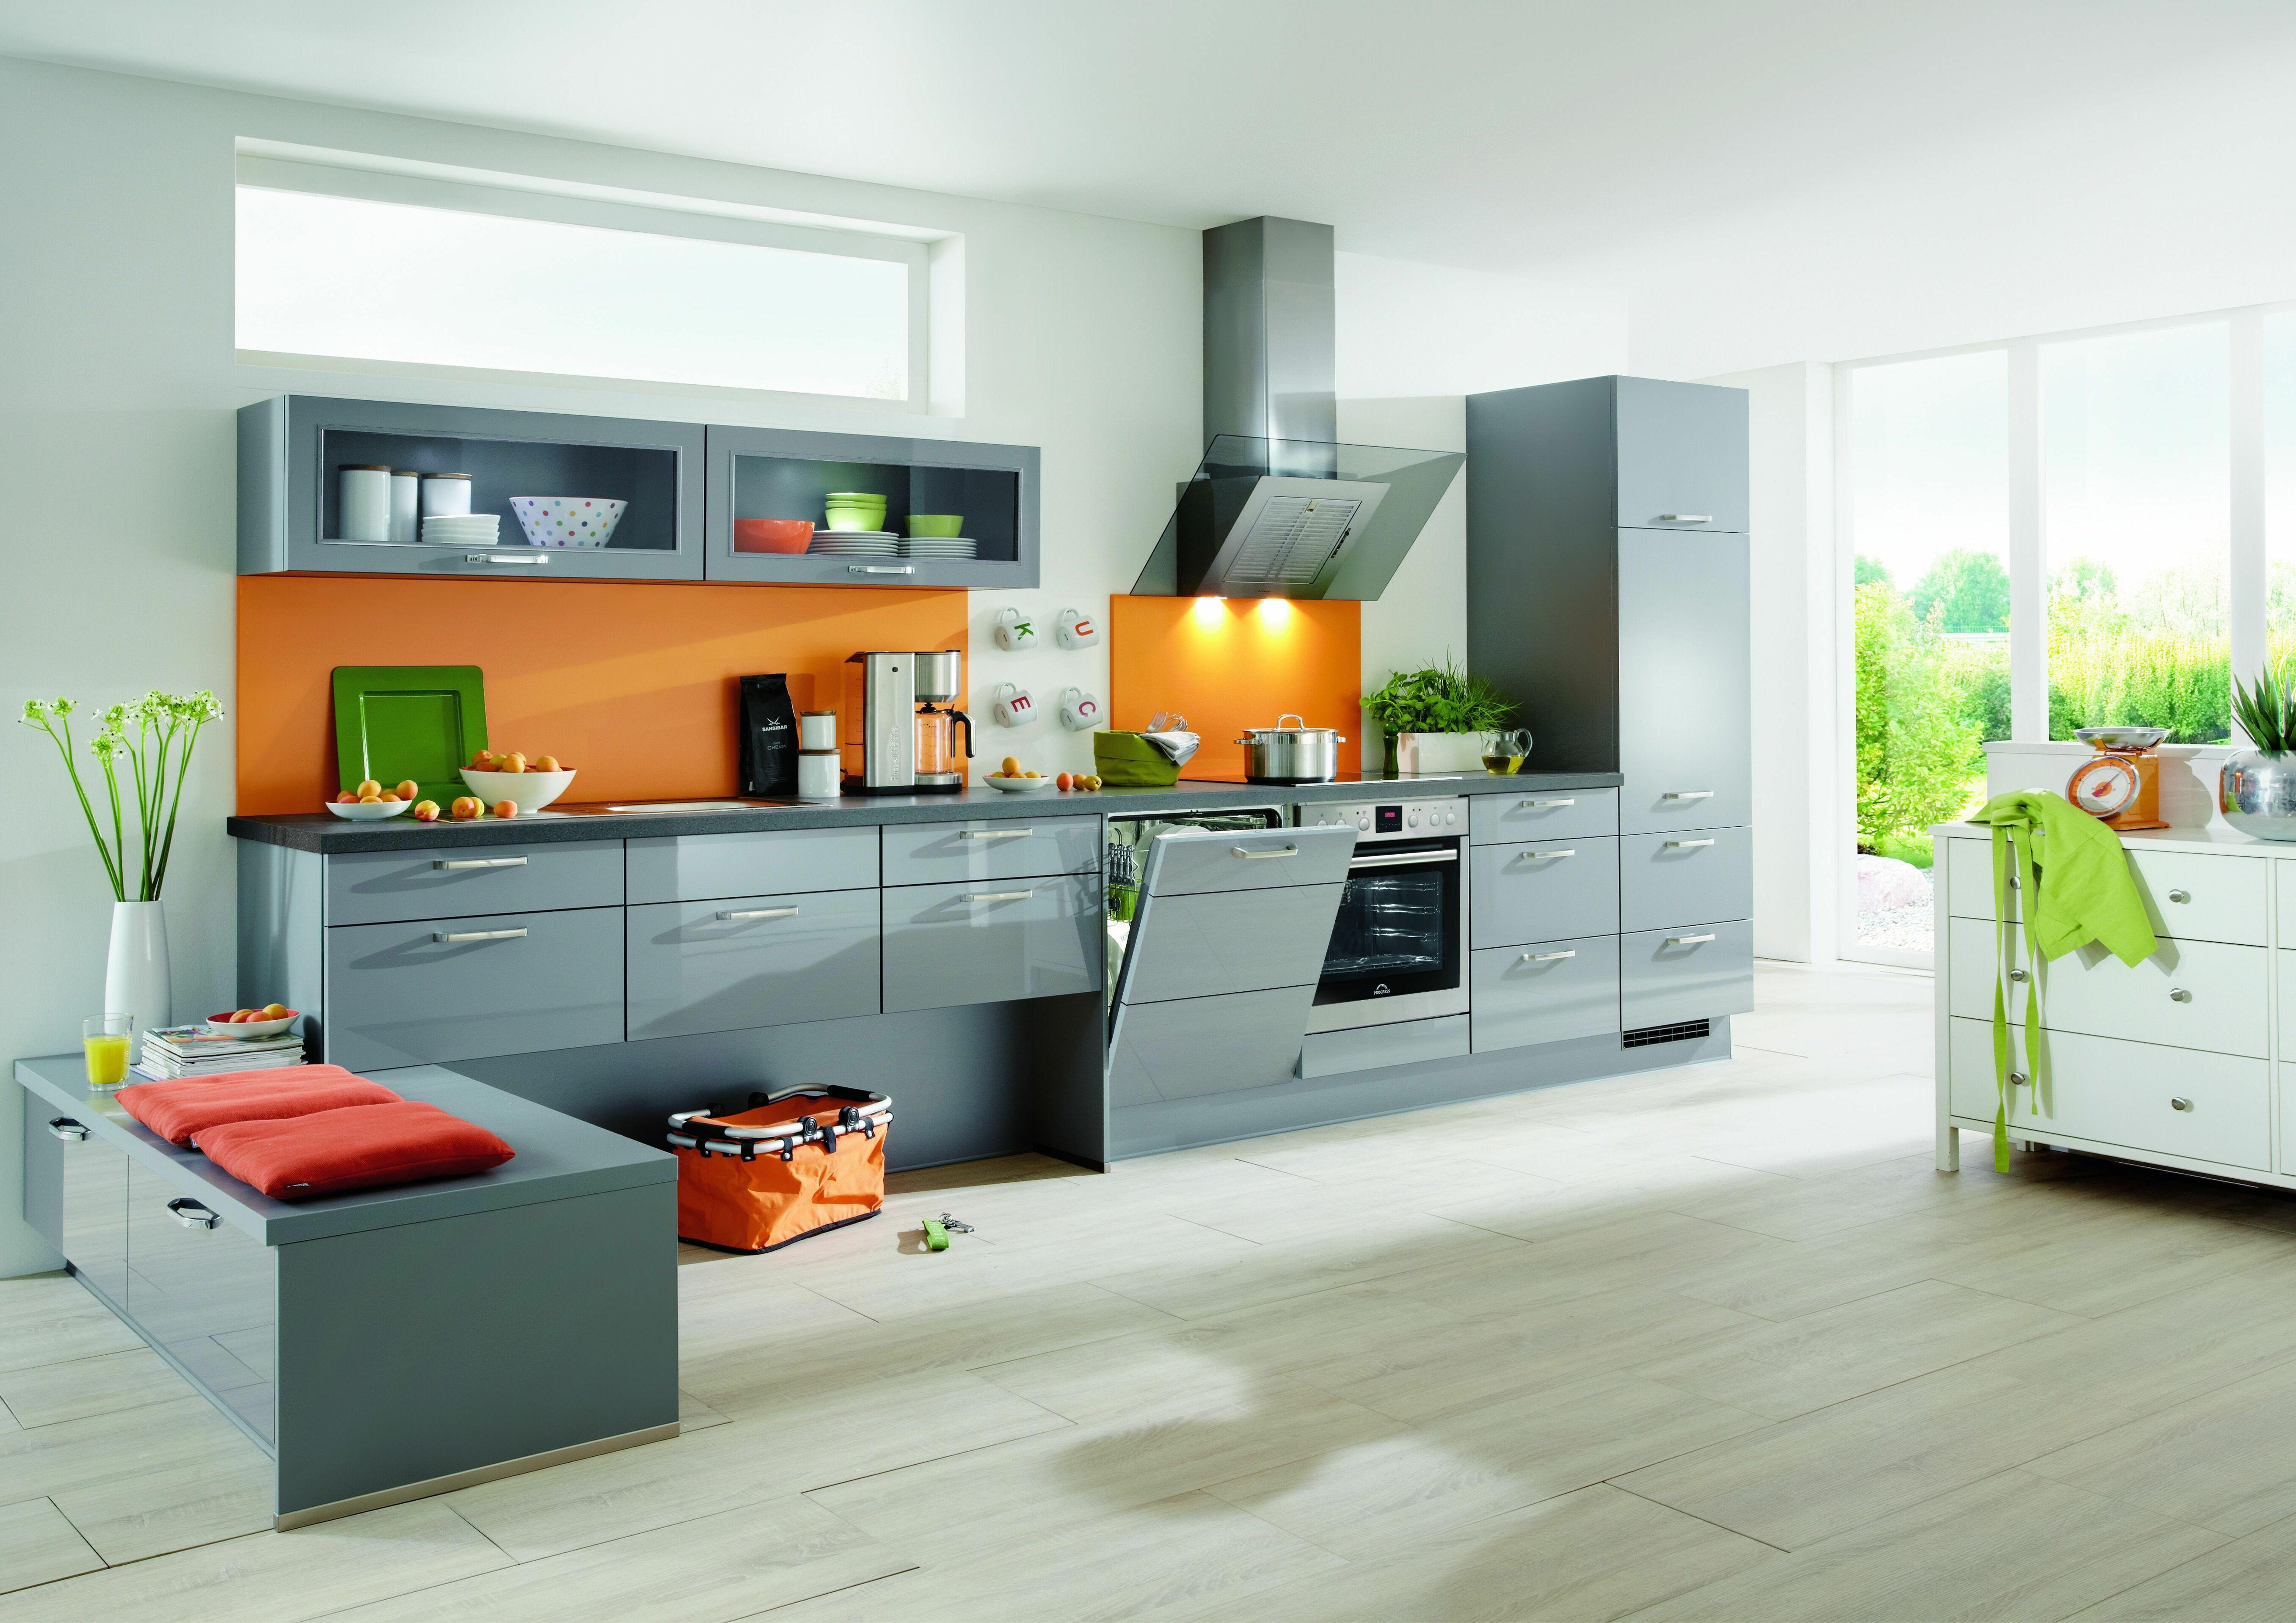 Küchenfarben: So kreieren Sie eine harmonische Farbgestaltung